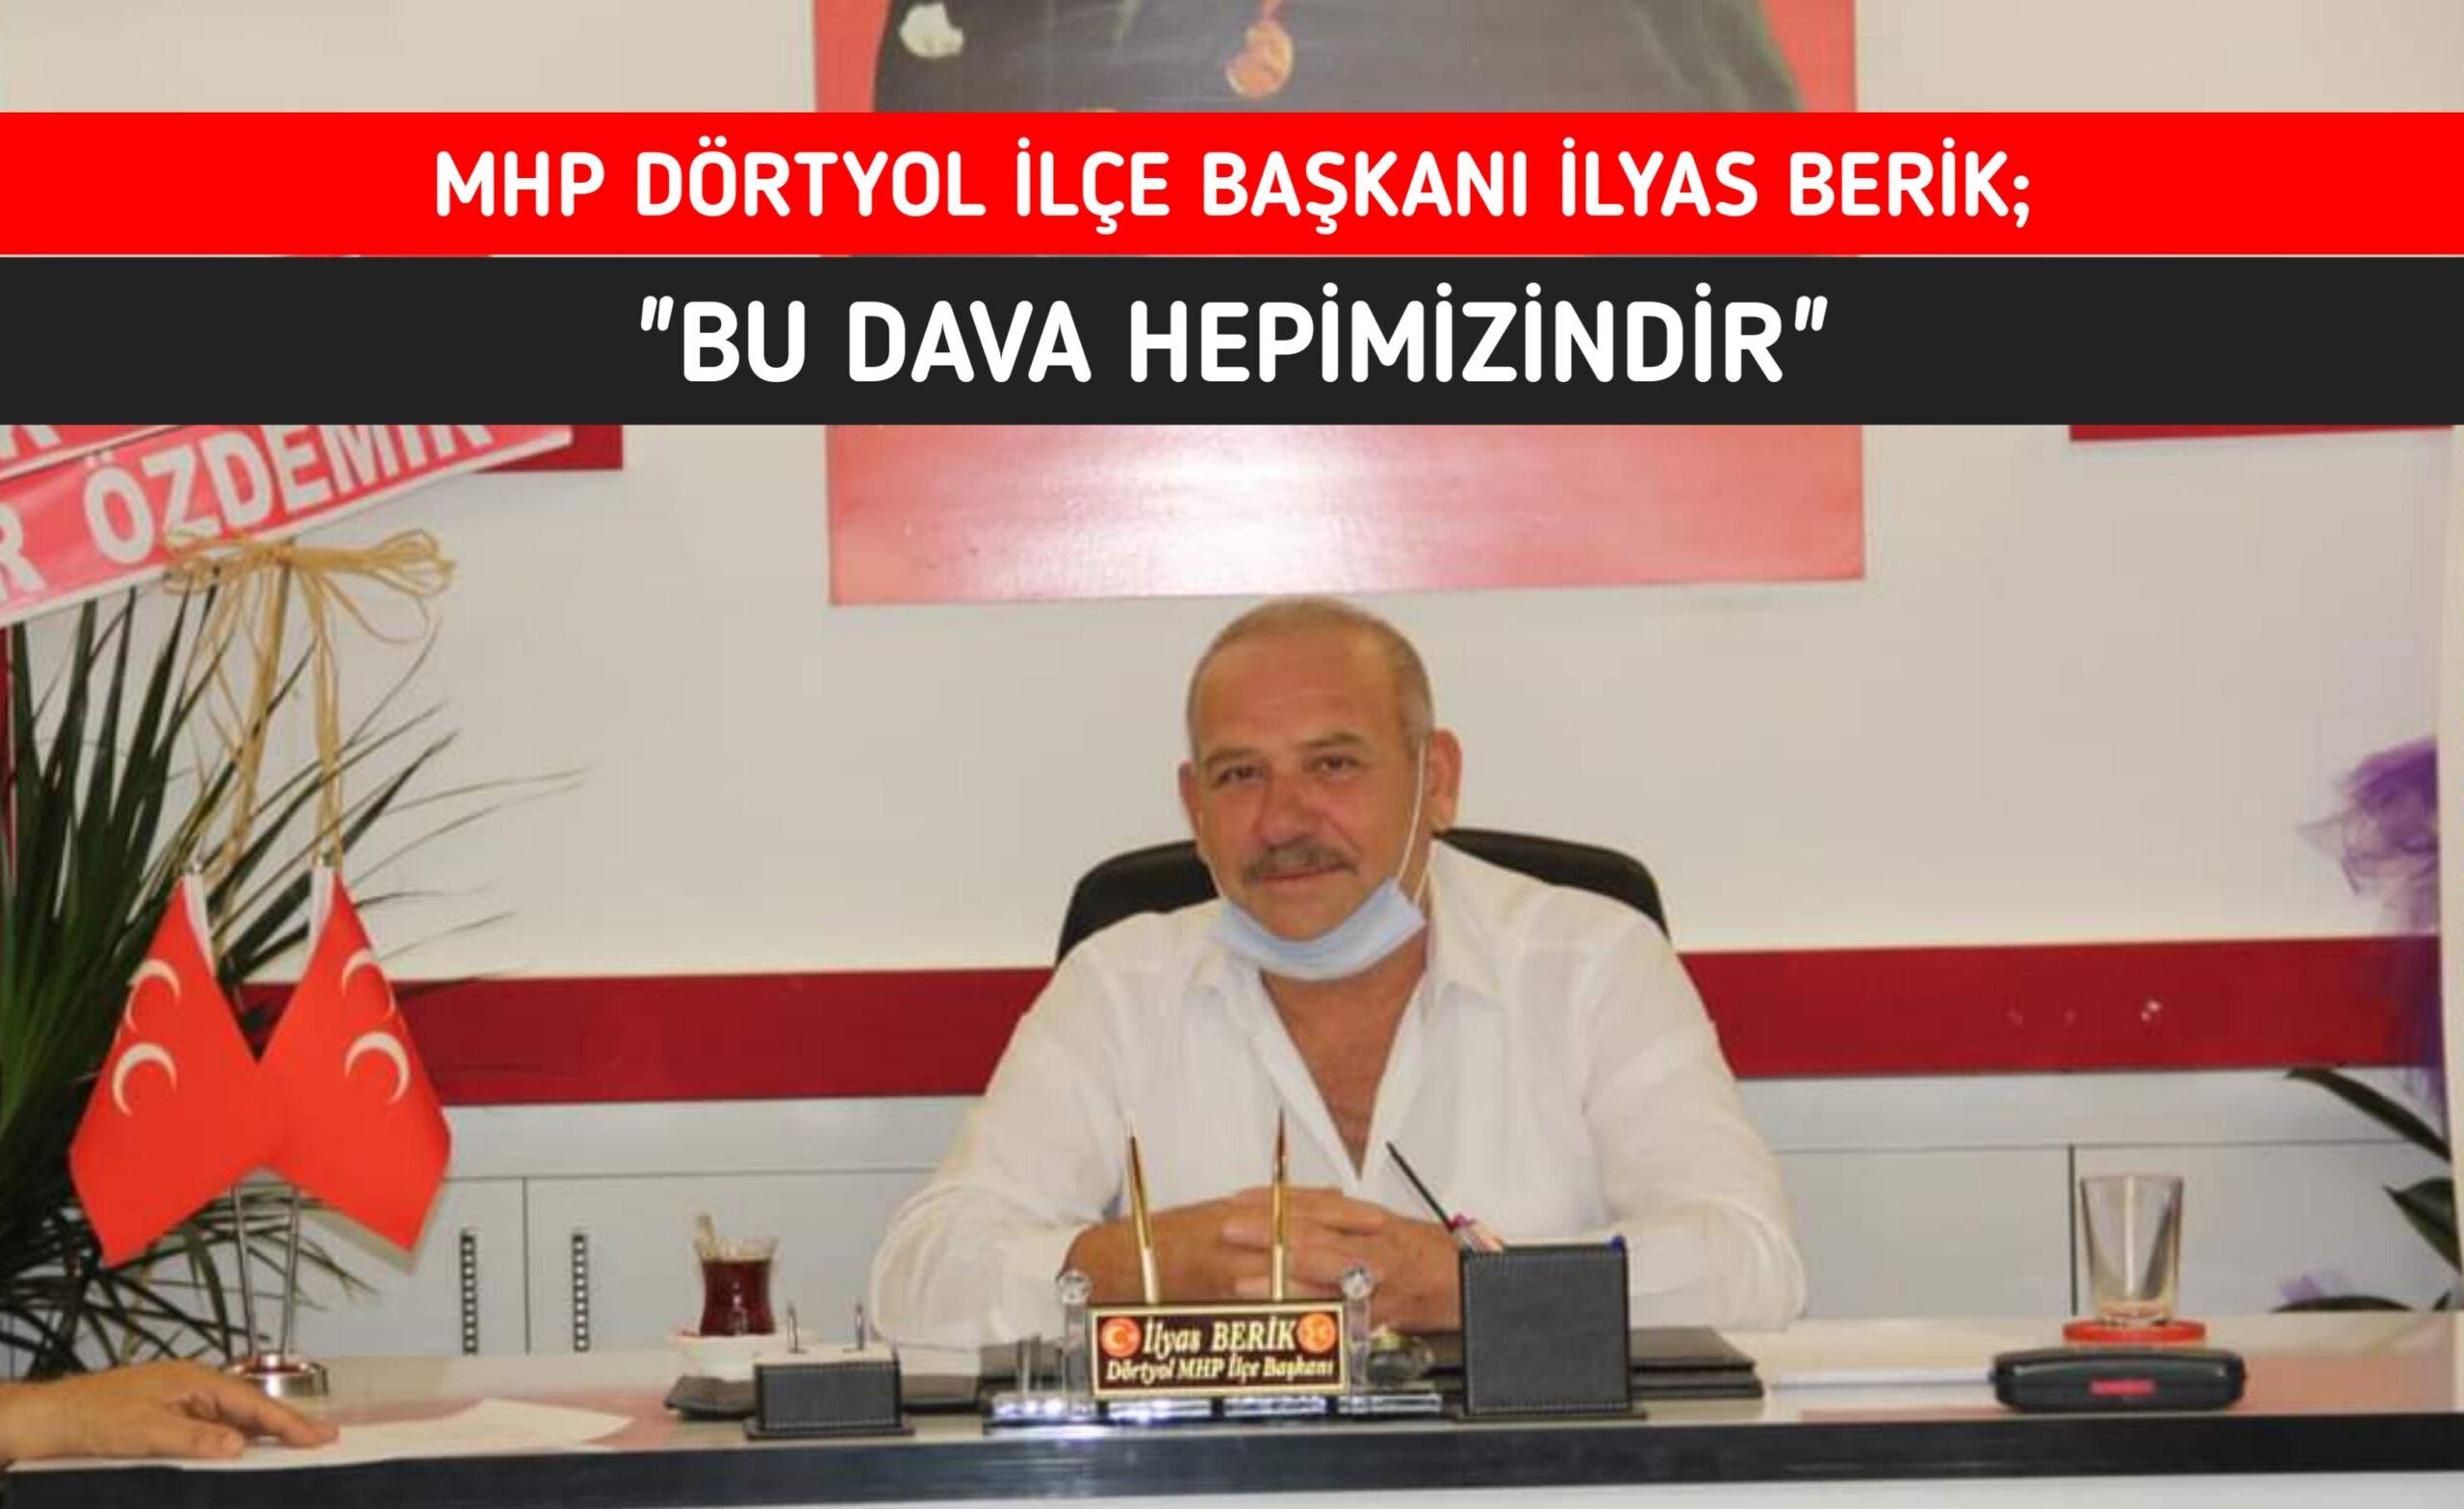 """MHP DÖRTYOL İLÇE BAŞKANI İLYAS BERİK; """"BU DAVA HEPİMİZİNDİR"""""""